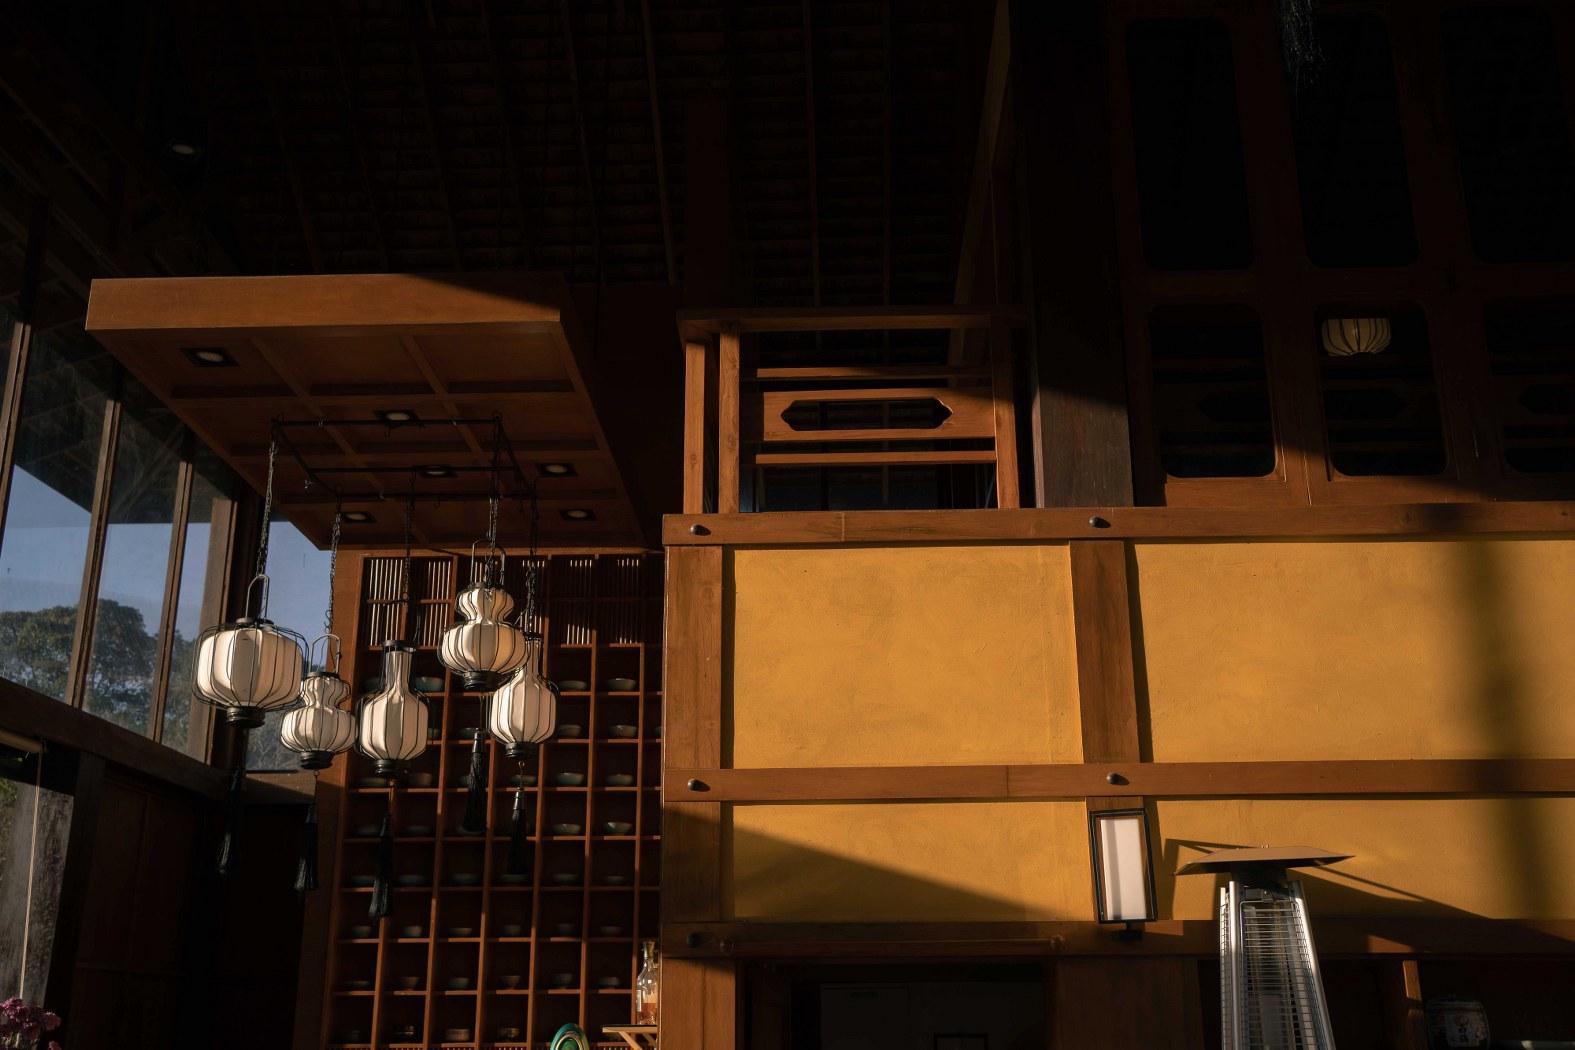 เลาะลำธาร บ้านต้นไม้ แคมป์ปิ้งยามเย็น แช่Onsen และเก็บใบชา ปลายหนาวนี้ที่ 'เชียงใหม่'